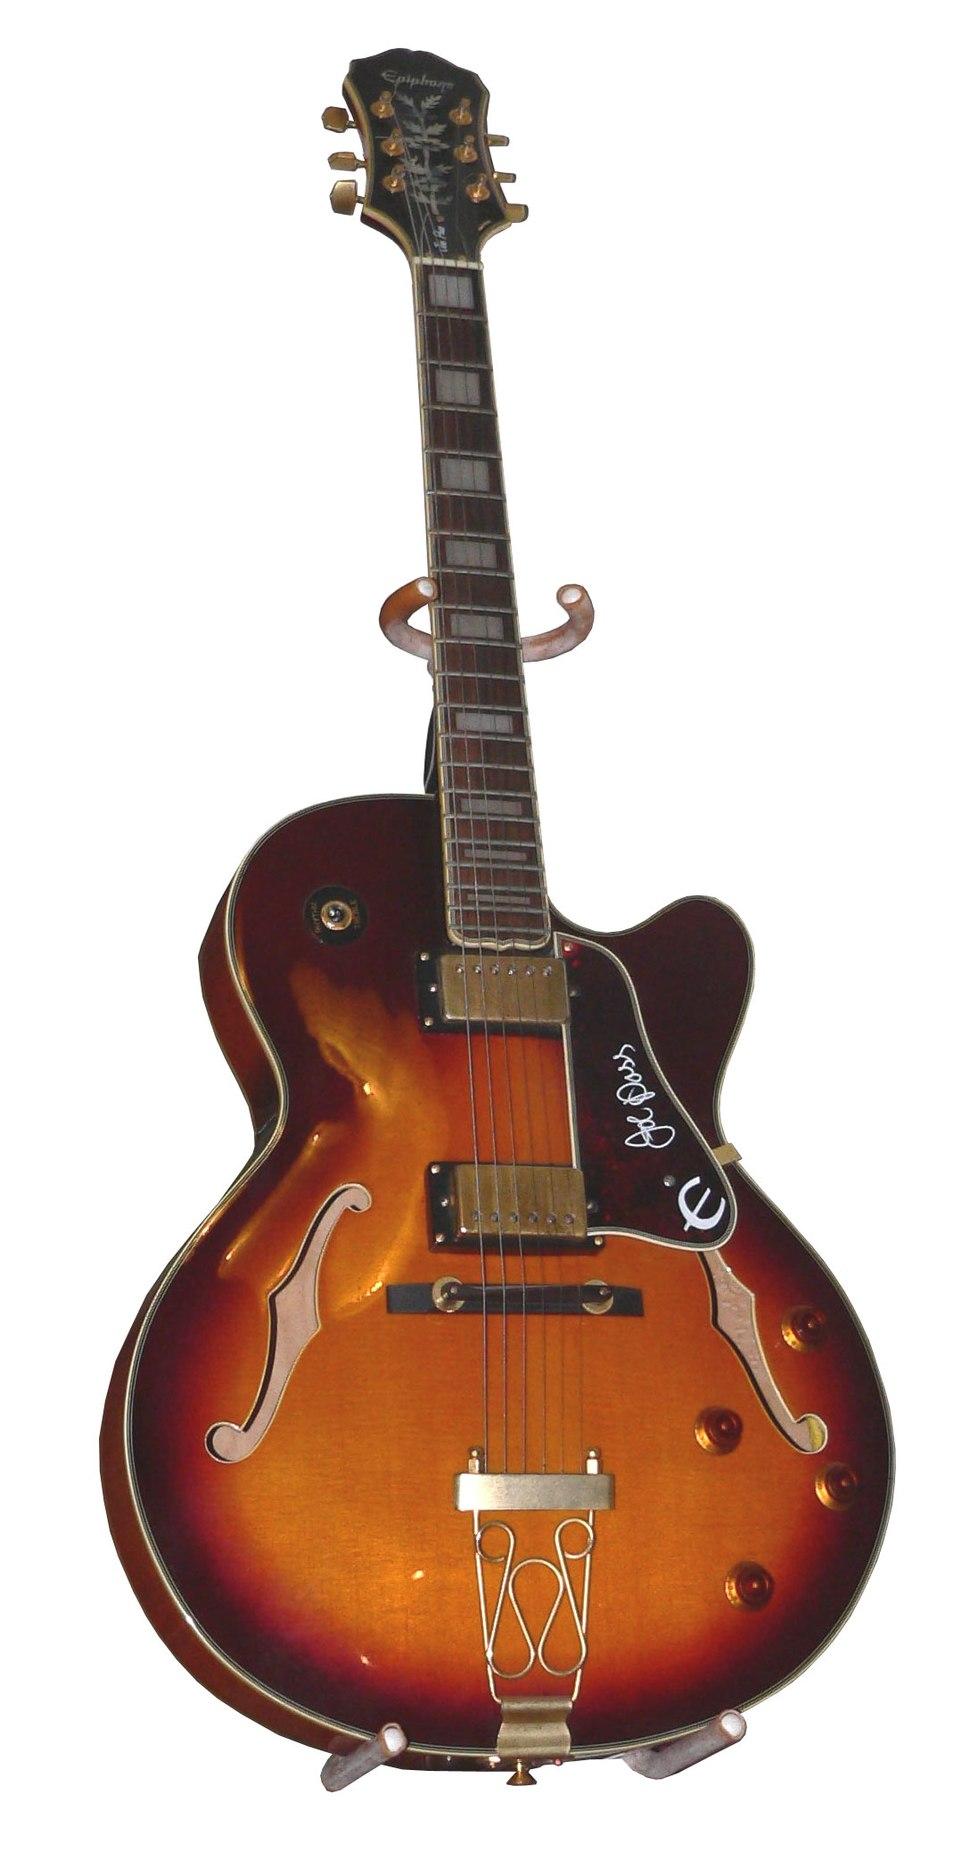 Guitard Epiphone 03